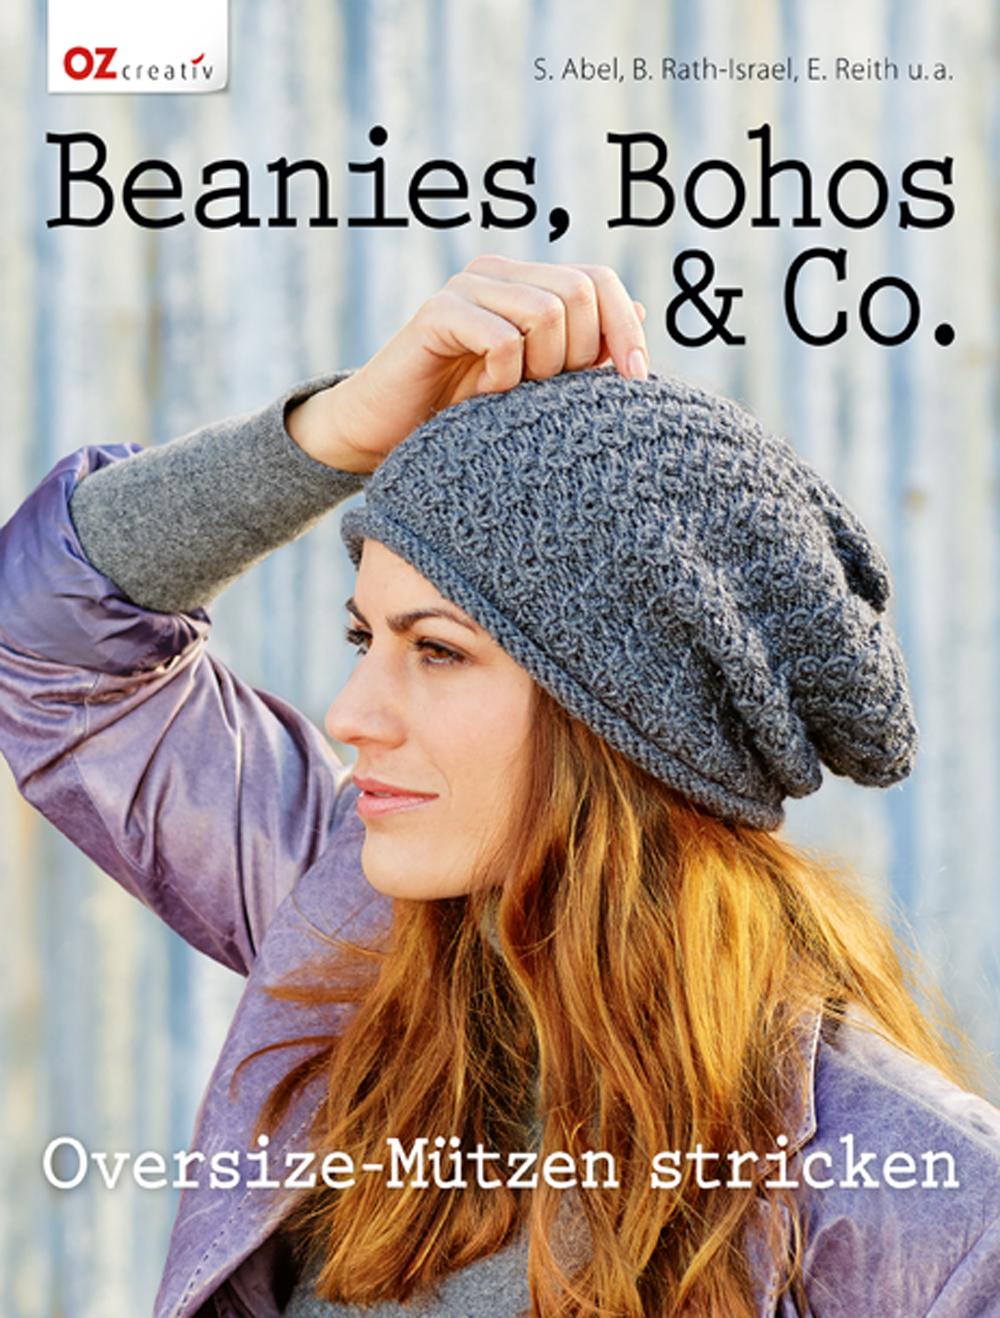 OZ creativ 6290 Beanies, Bohos